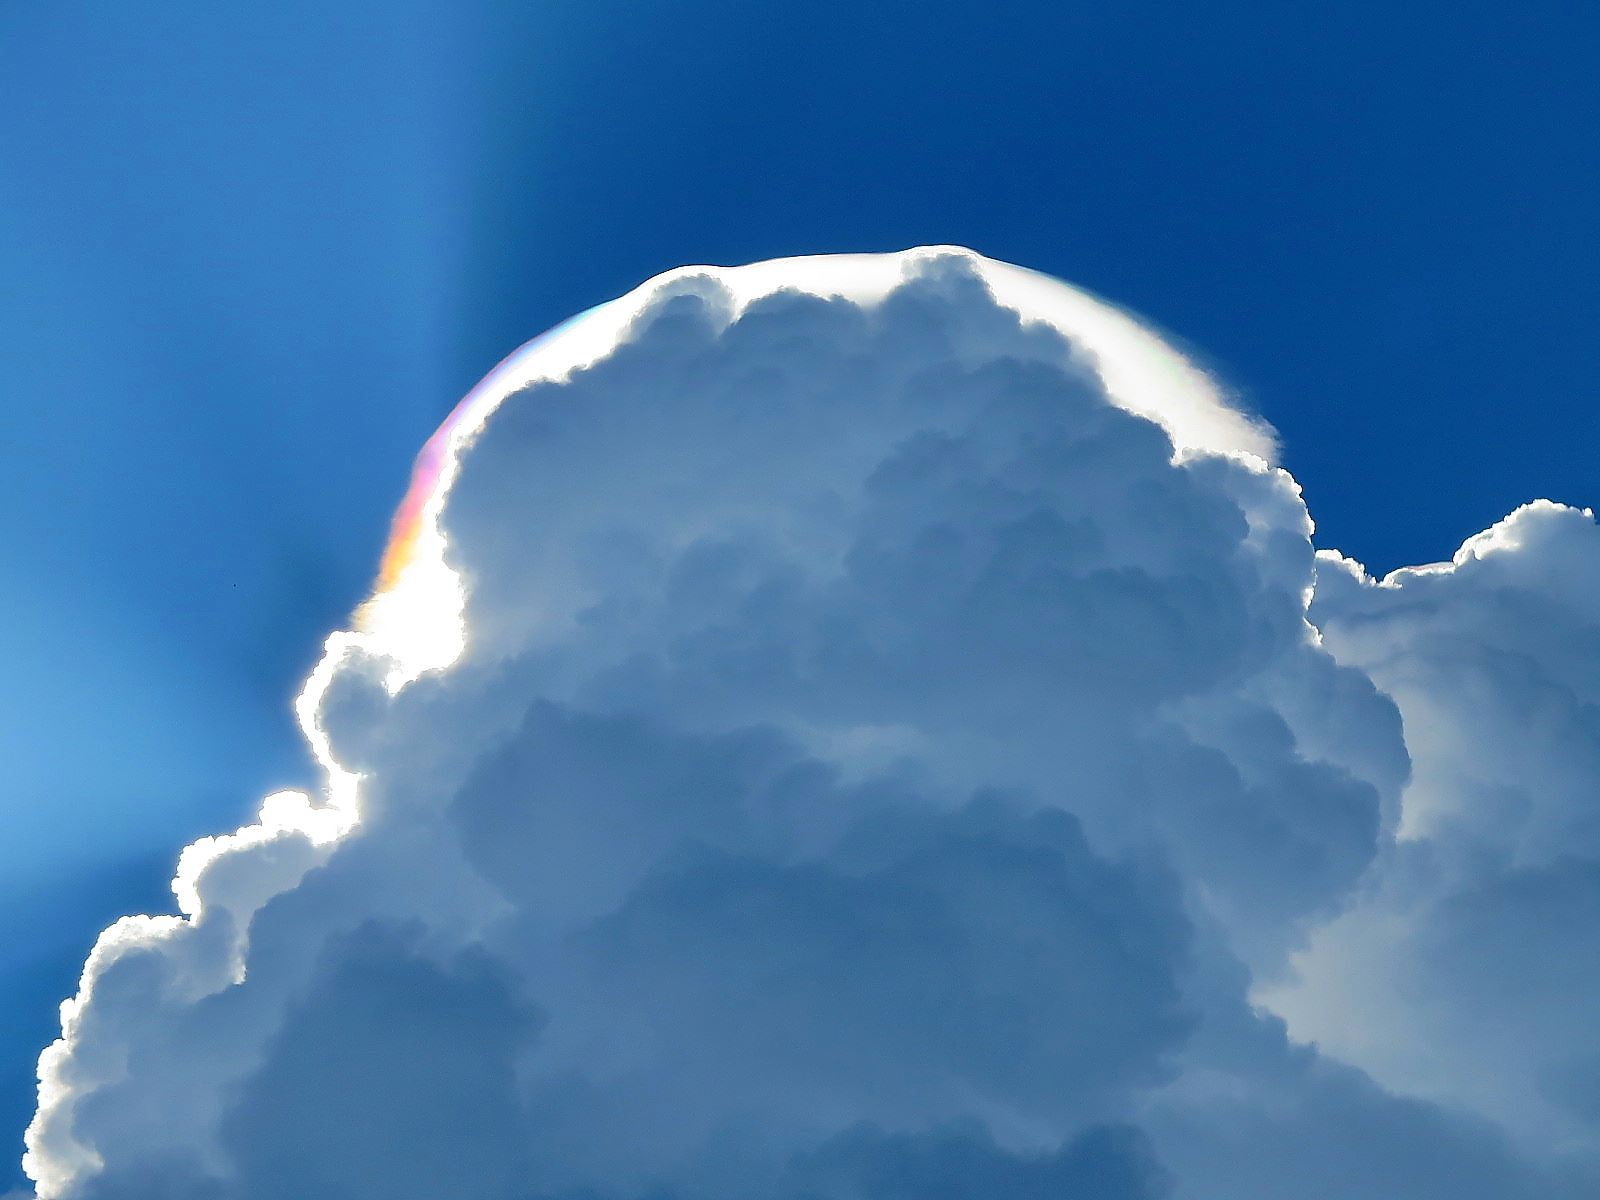 Радужные облака — довольно редкое оптическое явление, при котором очень тонкие облака, находящиеся вблизи Солнца, окрашиваются в спектральные цвета. Обычно эти цвета пастельные, бледные, но при определенных условиях могут быть и очень яркими. Симпсон справедливо указал на то, что иризация является наиболее распространенным видом венцов — оптического явления, связанного с дифракцией света на каплях переохлажденной воды в облаках и образованием цветных кругов в облачной пелене вокруг Солнца. По своей сути, радужные облака — это части несостоявшихся венцов . И если полноценные венцы в атмосфере встречаются крайне редко, то радужные облака увидеть можно почти каждому, главное — быть внимательным! Наблюдать за радужными облаками лучше всего в темных очках, чтобы не ослепнуть, ведь появляются они только вблизи Солнца, на расстоянии около 3–15°, в отдельных случаях до 30°. Но если светило скрыто за чем-то (за другим облаком, за горой и т. д.), то иризацию можно увидеть и невооруженным глазом.